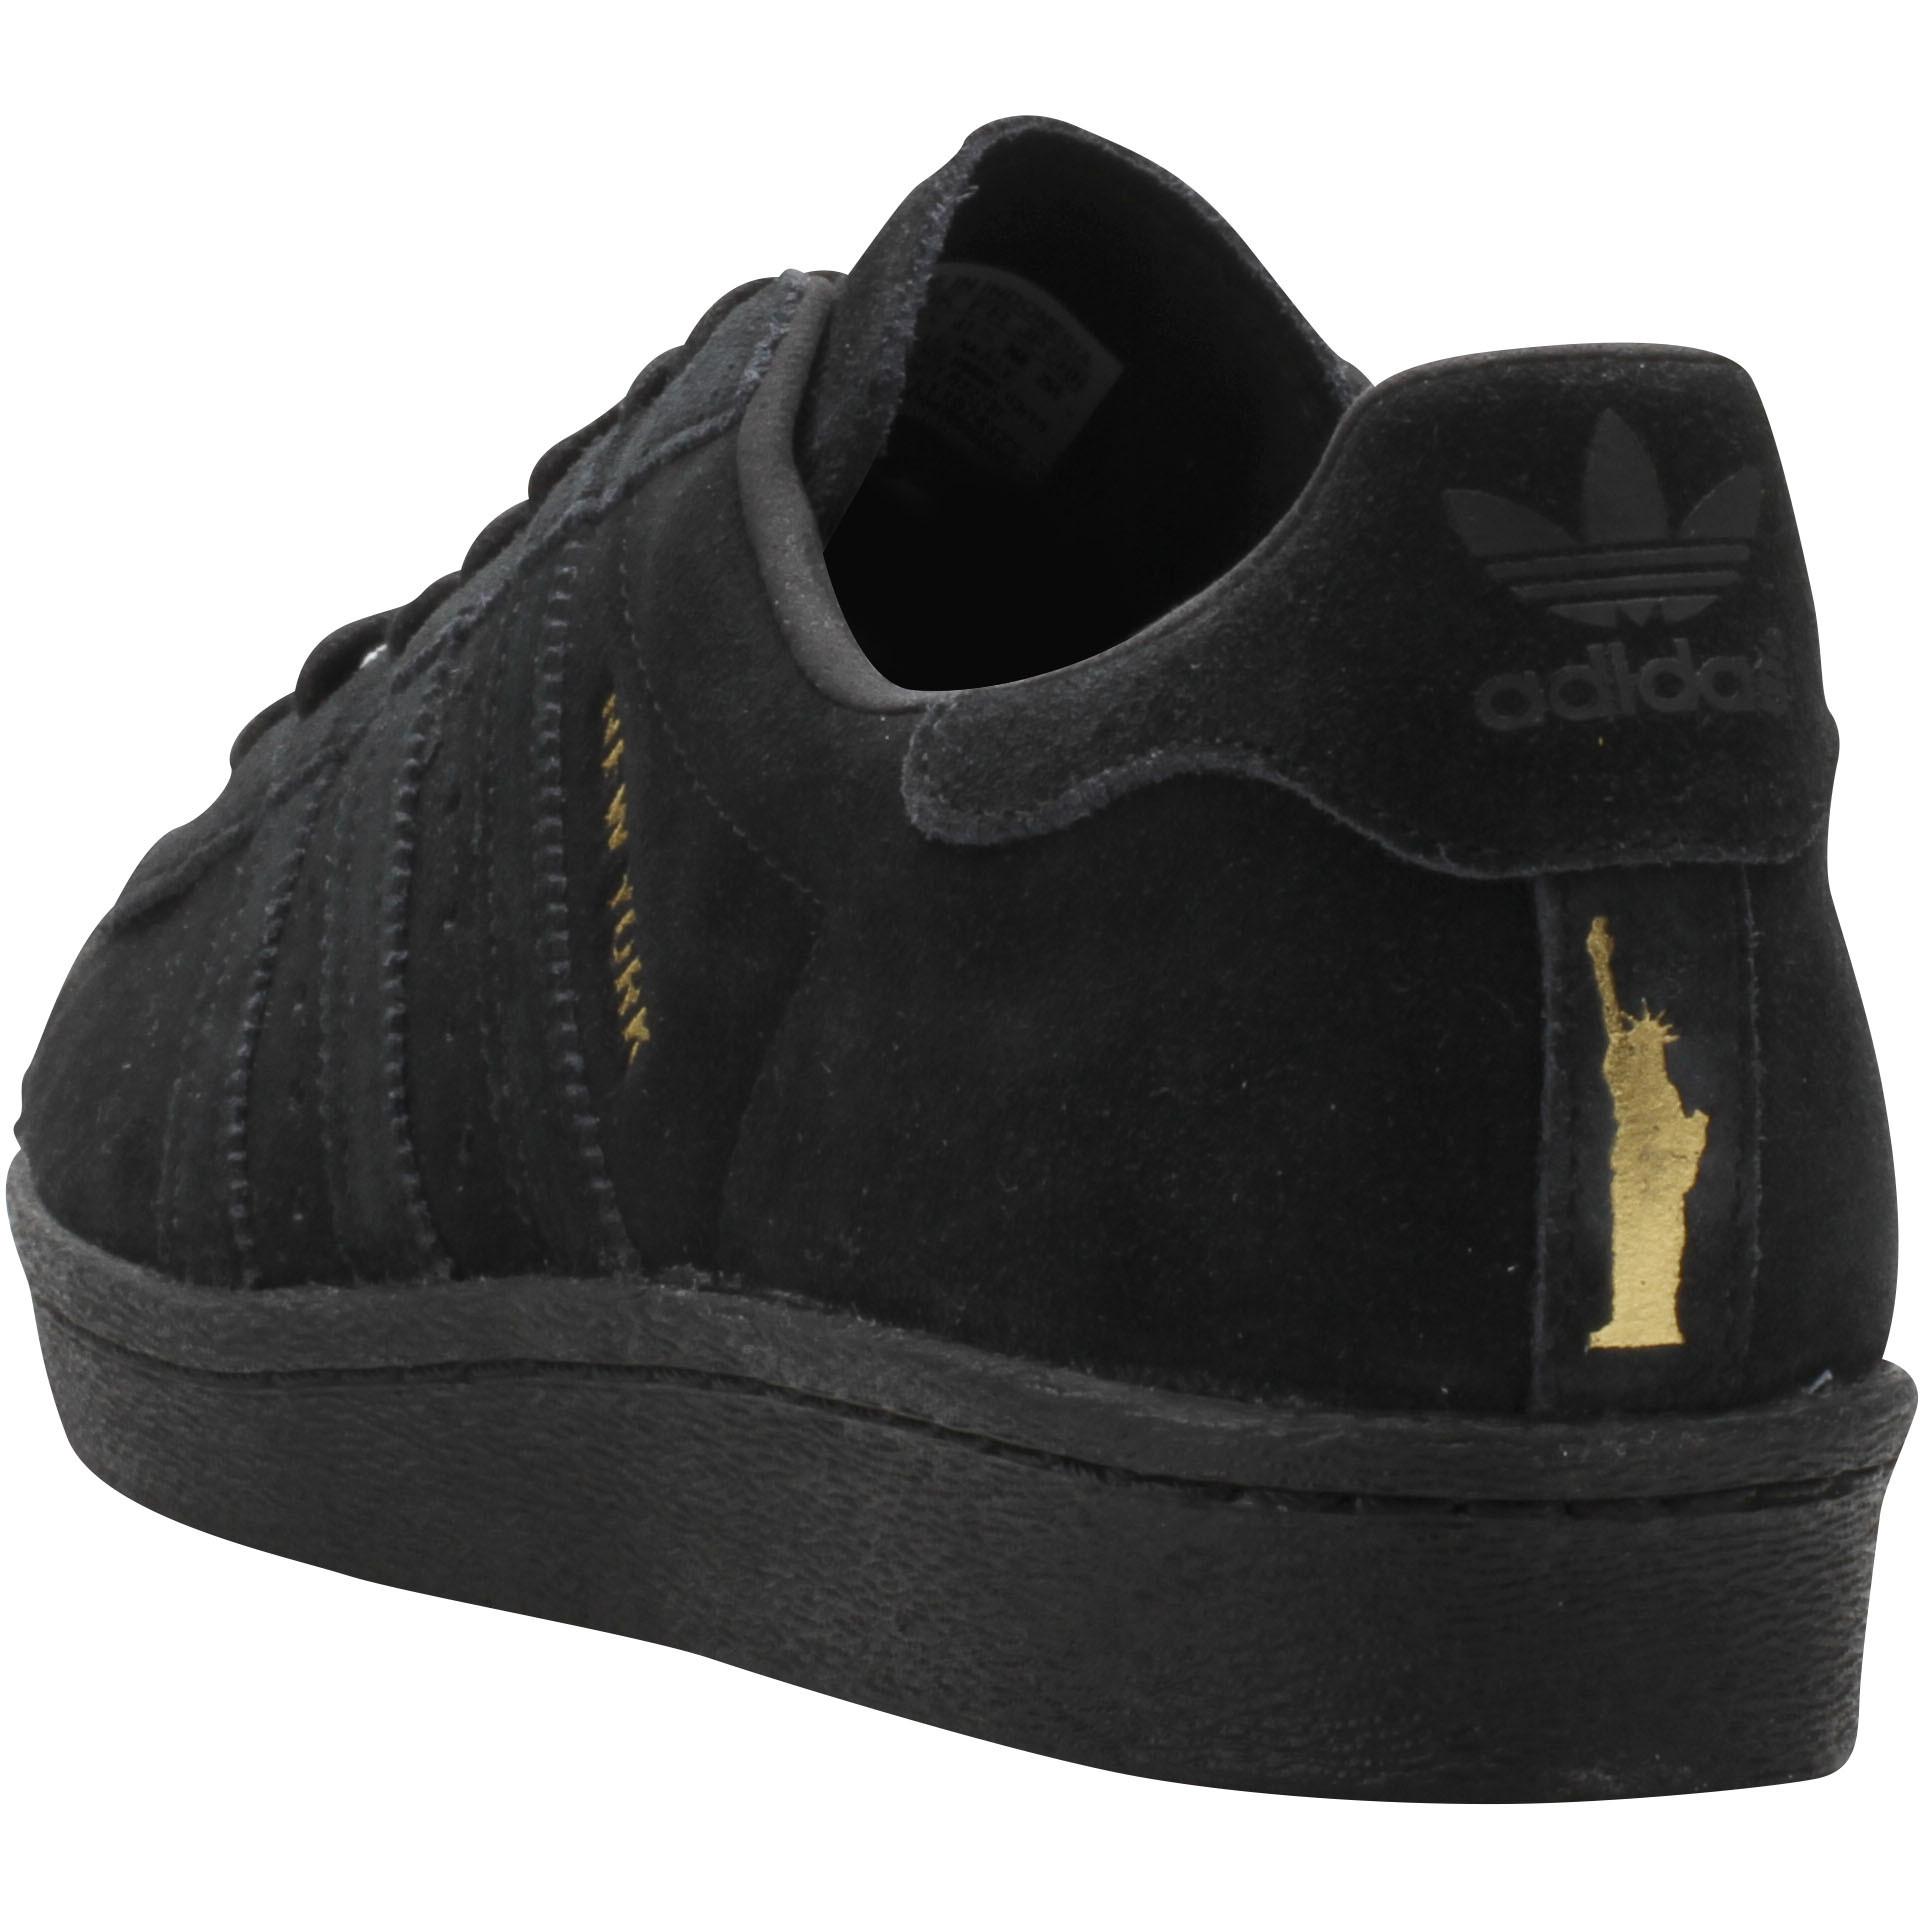 Faible Prix Adidas Superstar 80s City Series Nouveau York Noir Or b32737 Chaussures